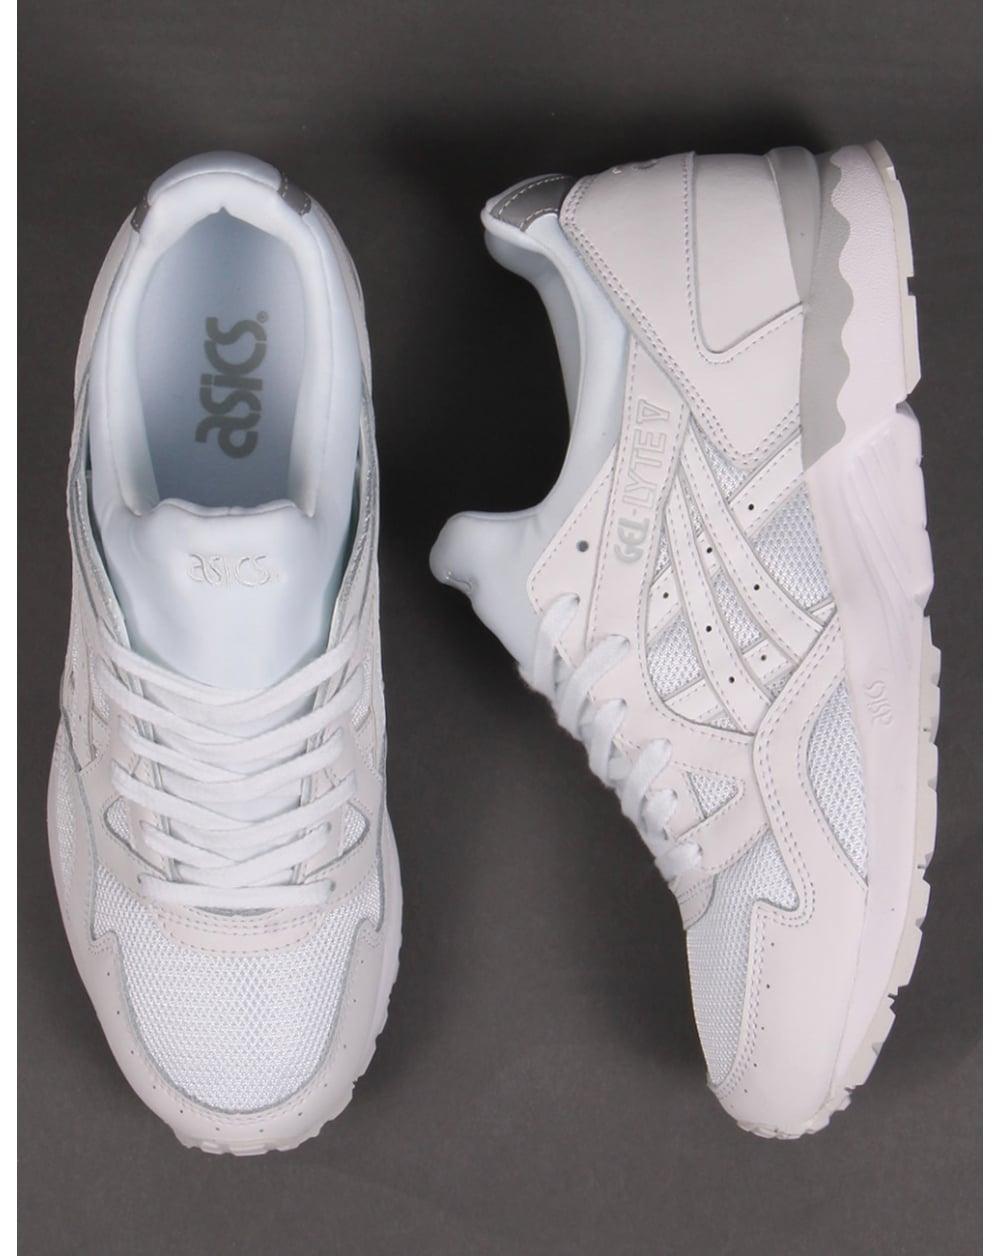 sale retailer 3d013 4e281 Asics Gel Lyte V Trainers White/white